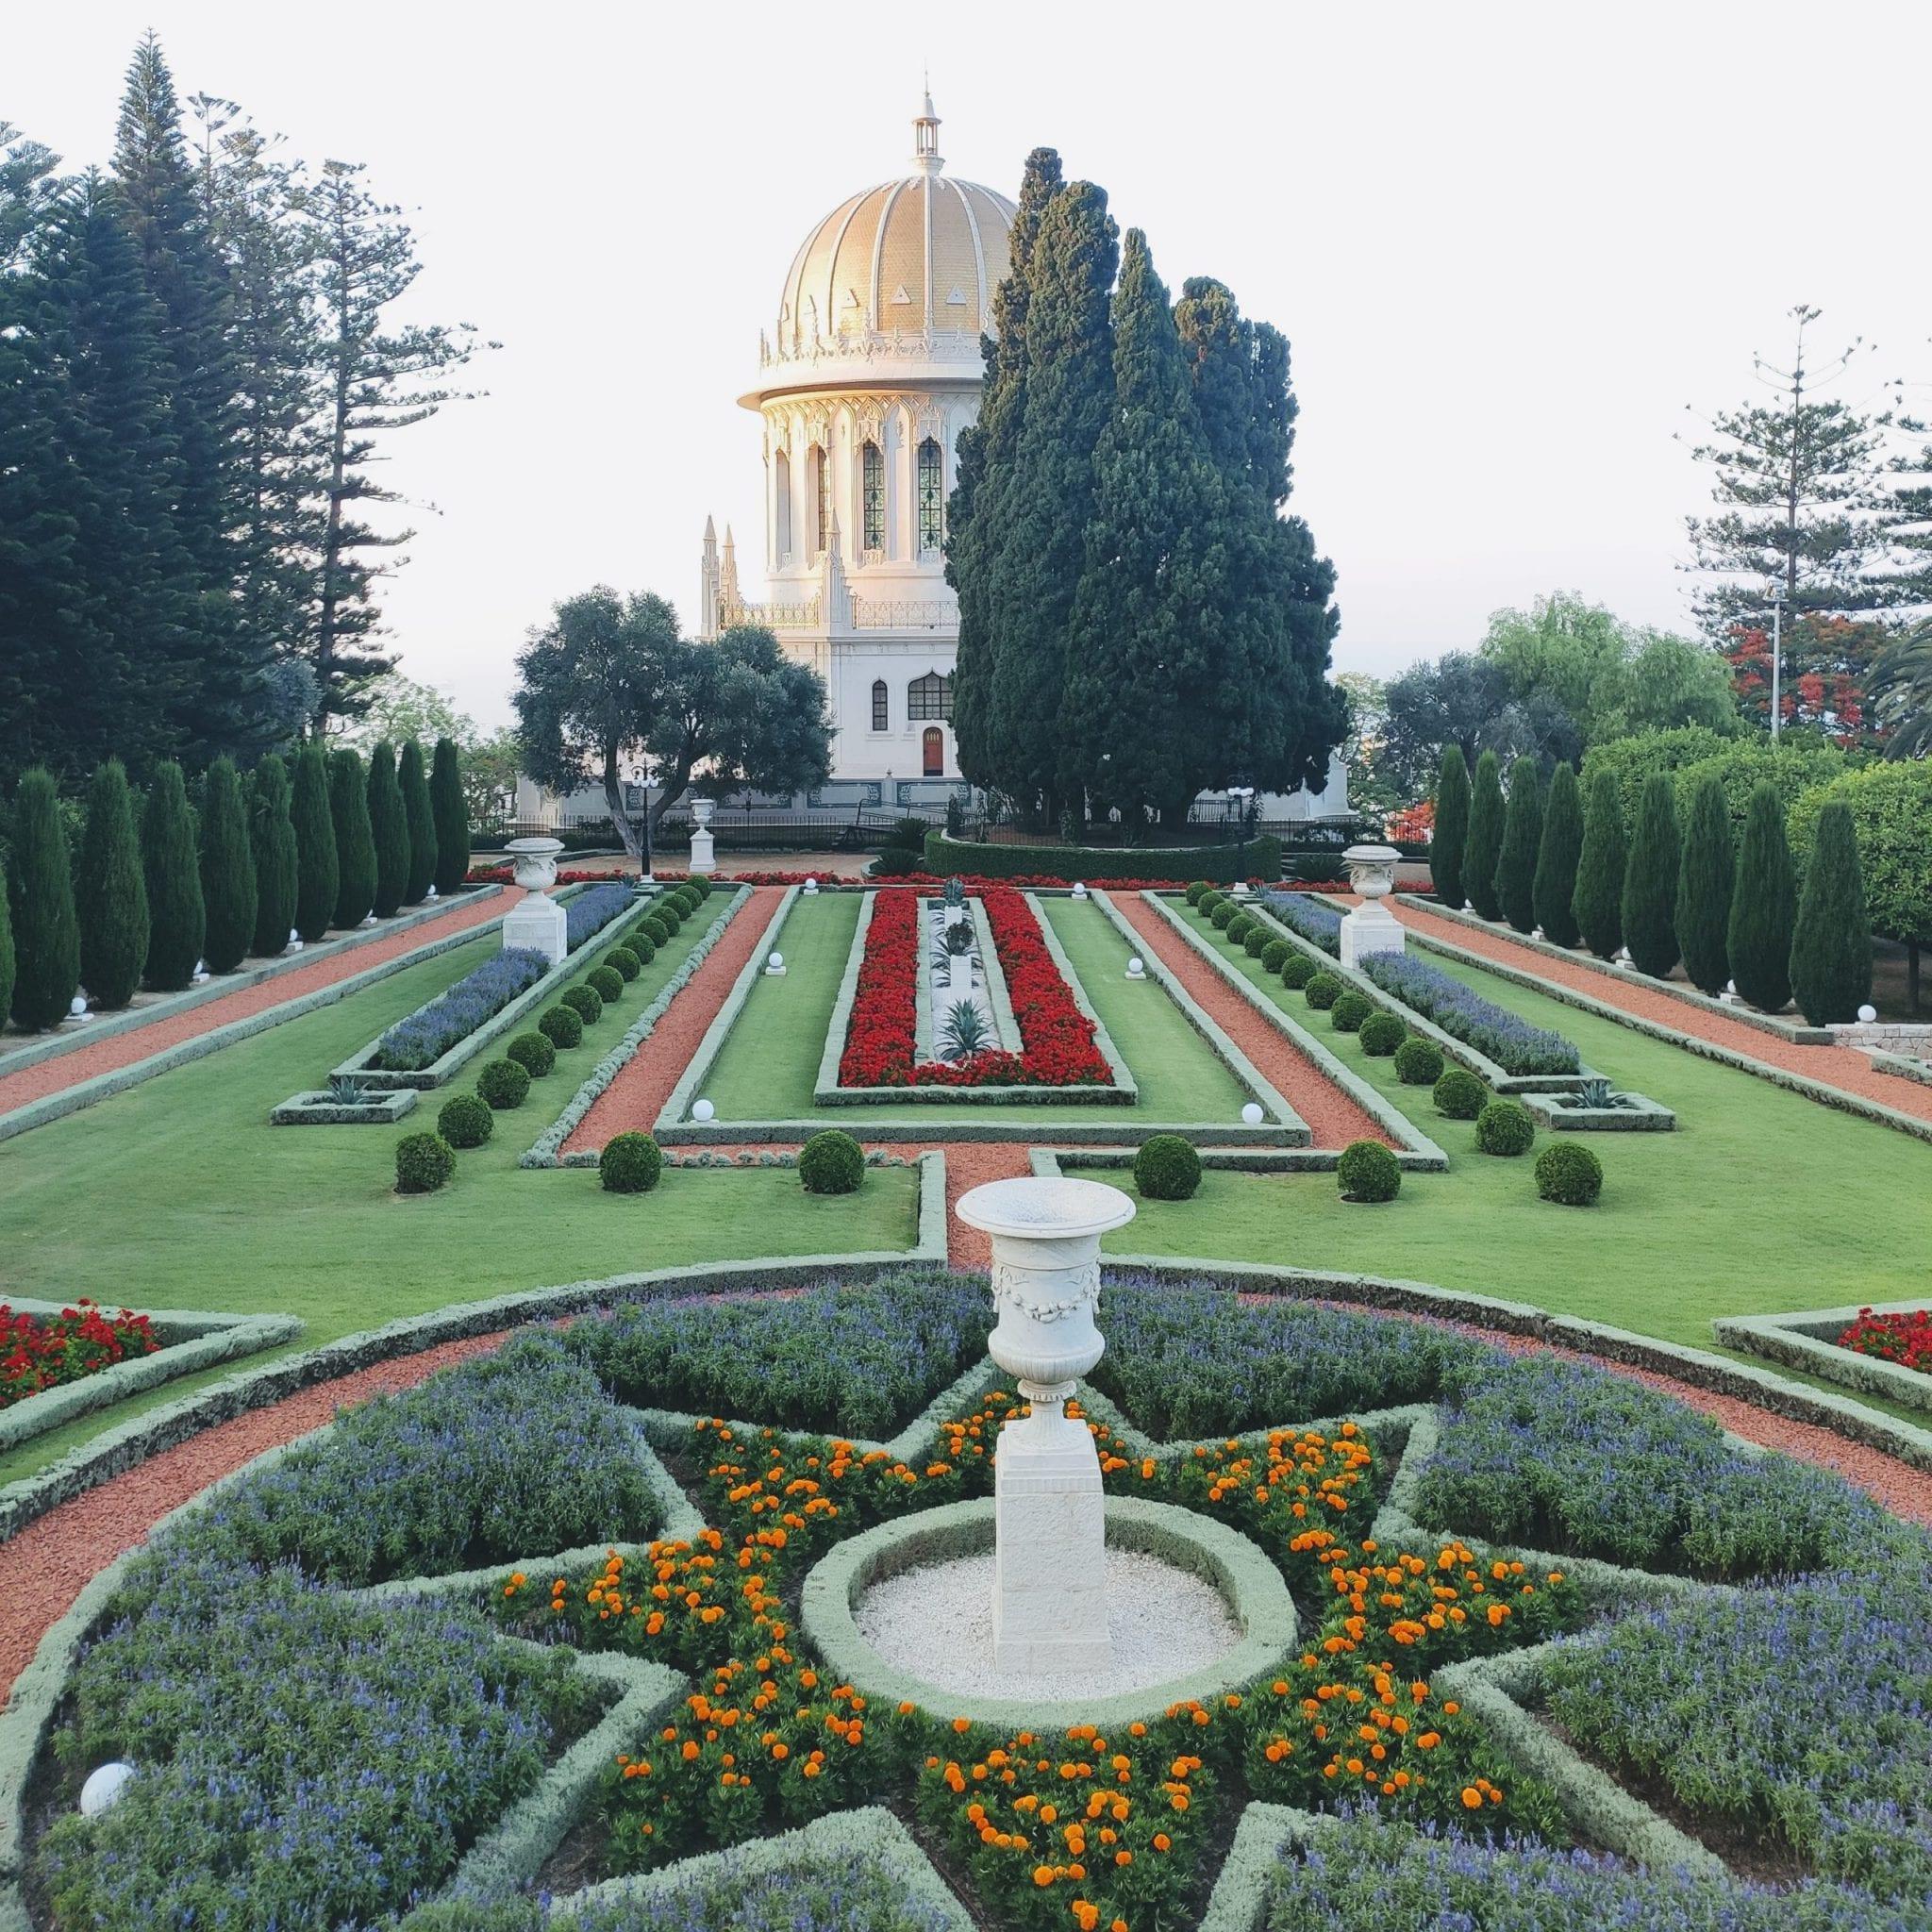 מה עושים בחיפה? המקדש הבהאיים